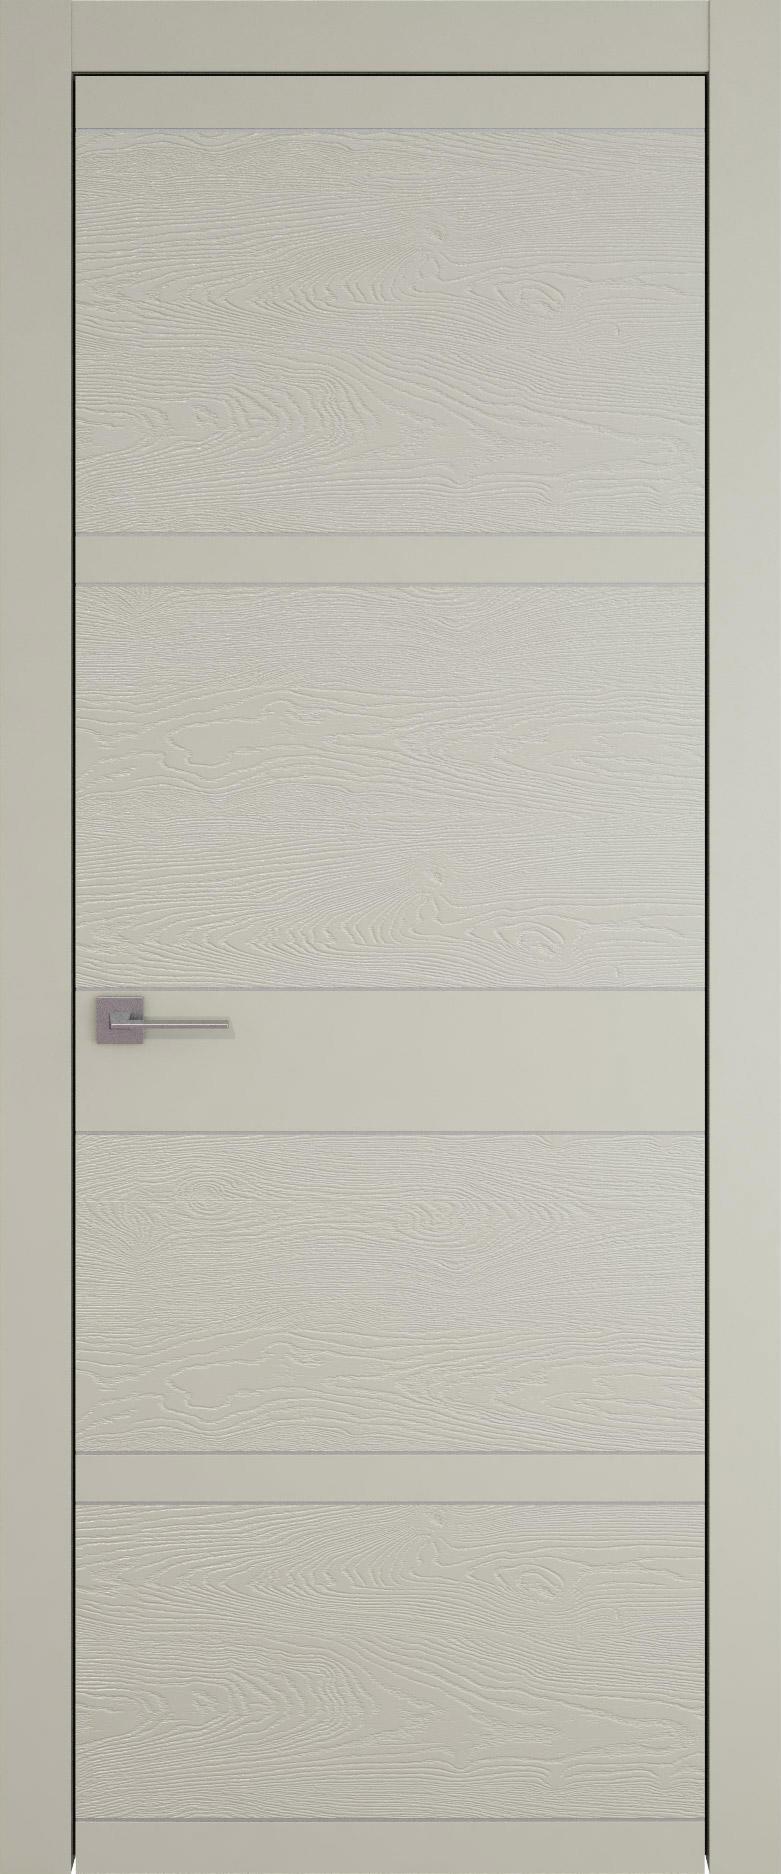 Tivoli Е-2 цвет - Серо-оливковая эмаль-эмаль по шпону (RAL 7032) Без стекла (ДГ)